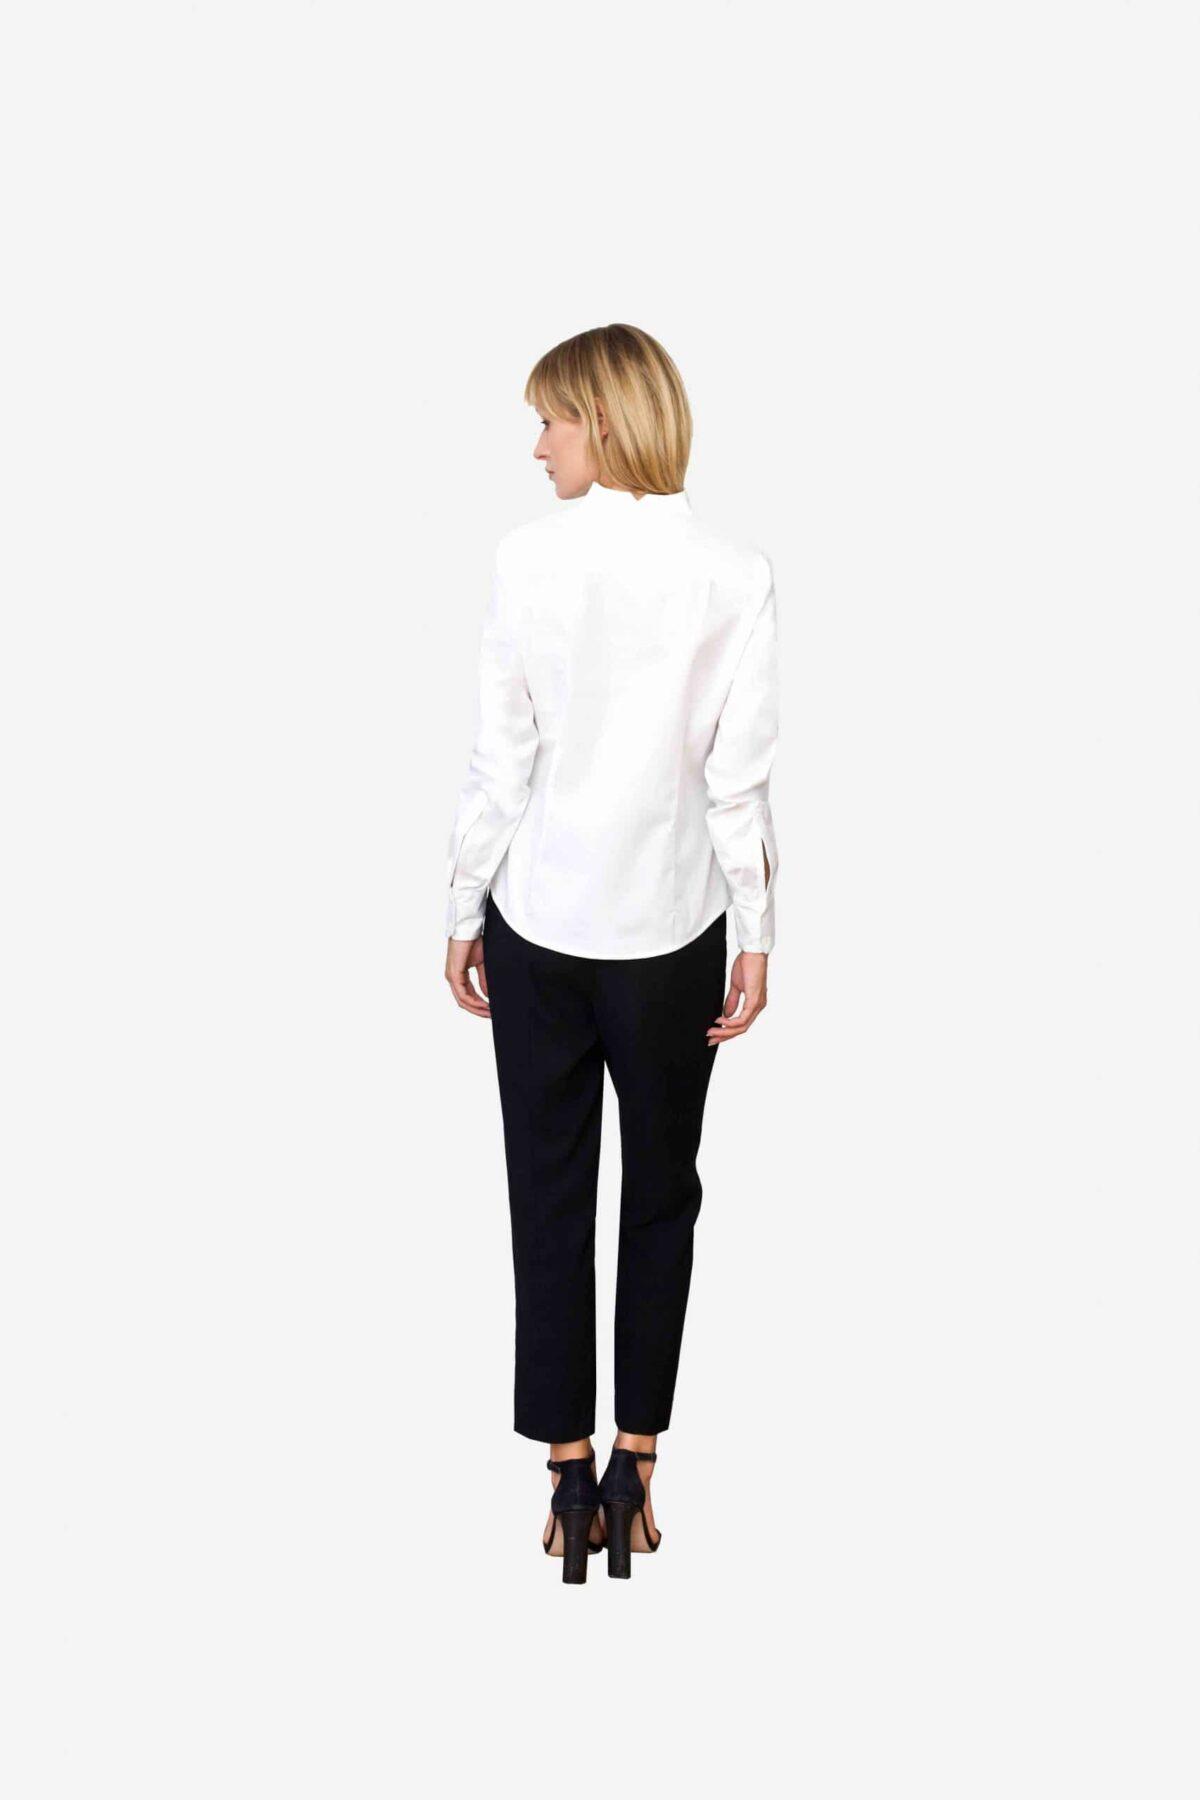 Bluse Sheirlyn von SANOGE. Stilvolle Designer Business Bluse in weiß mit Kelchkragen. Stehkragen. und Umschlagmanschetten. Mode aus Deutschland.